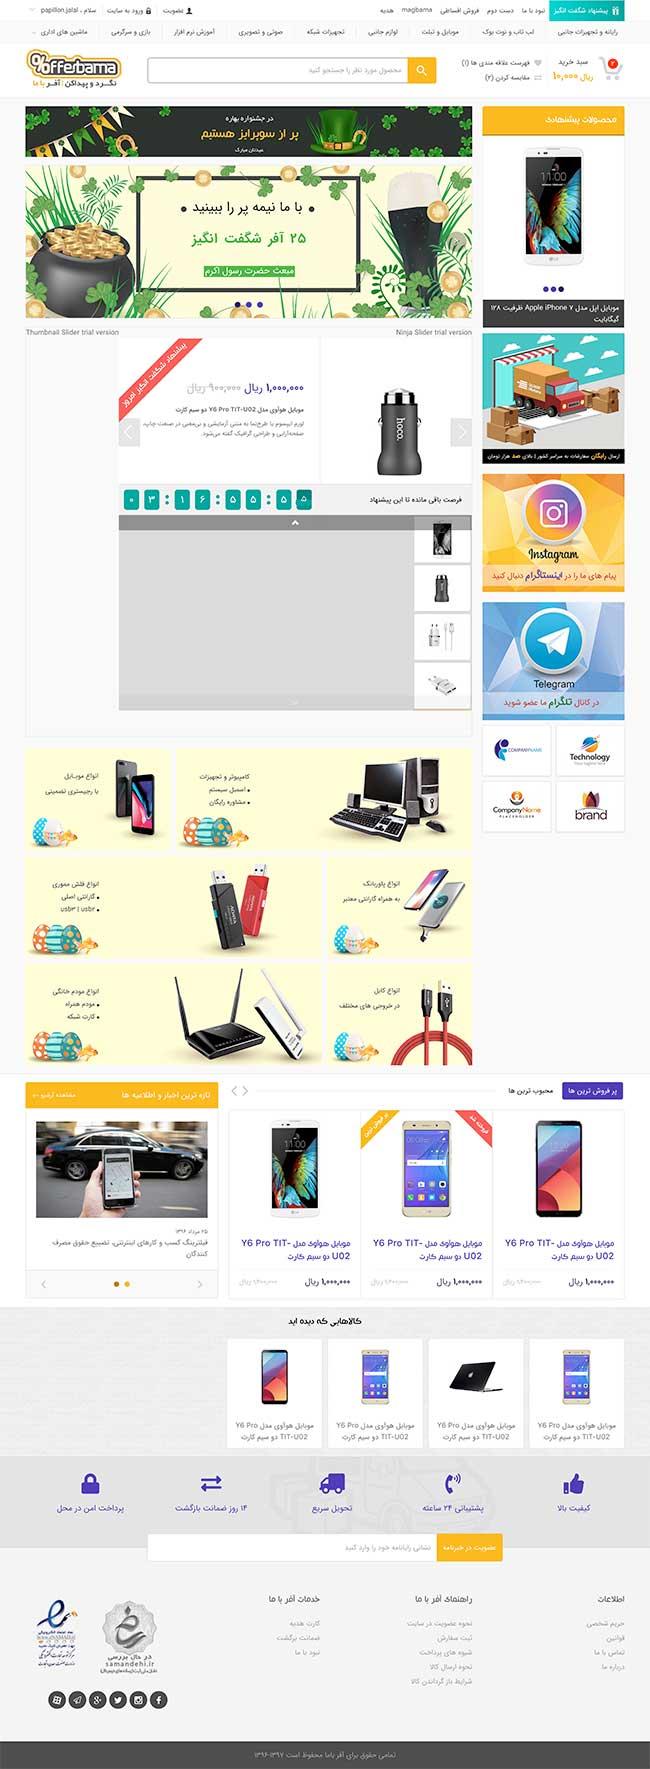 طراحی سایت فروشگاهی تجهیزات کامپیوتری آفرباما